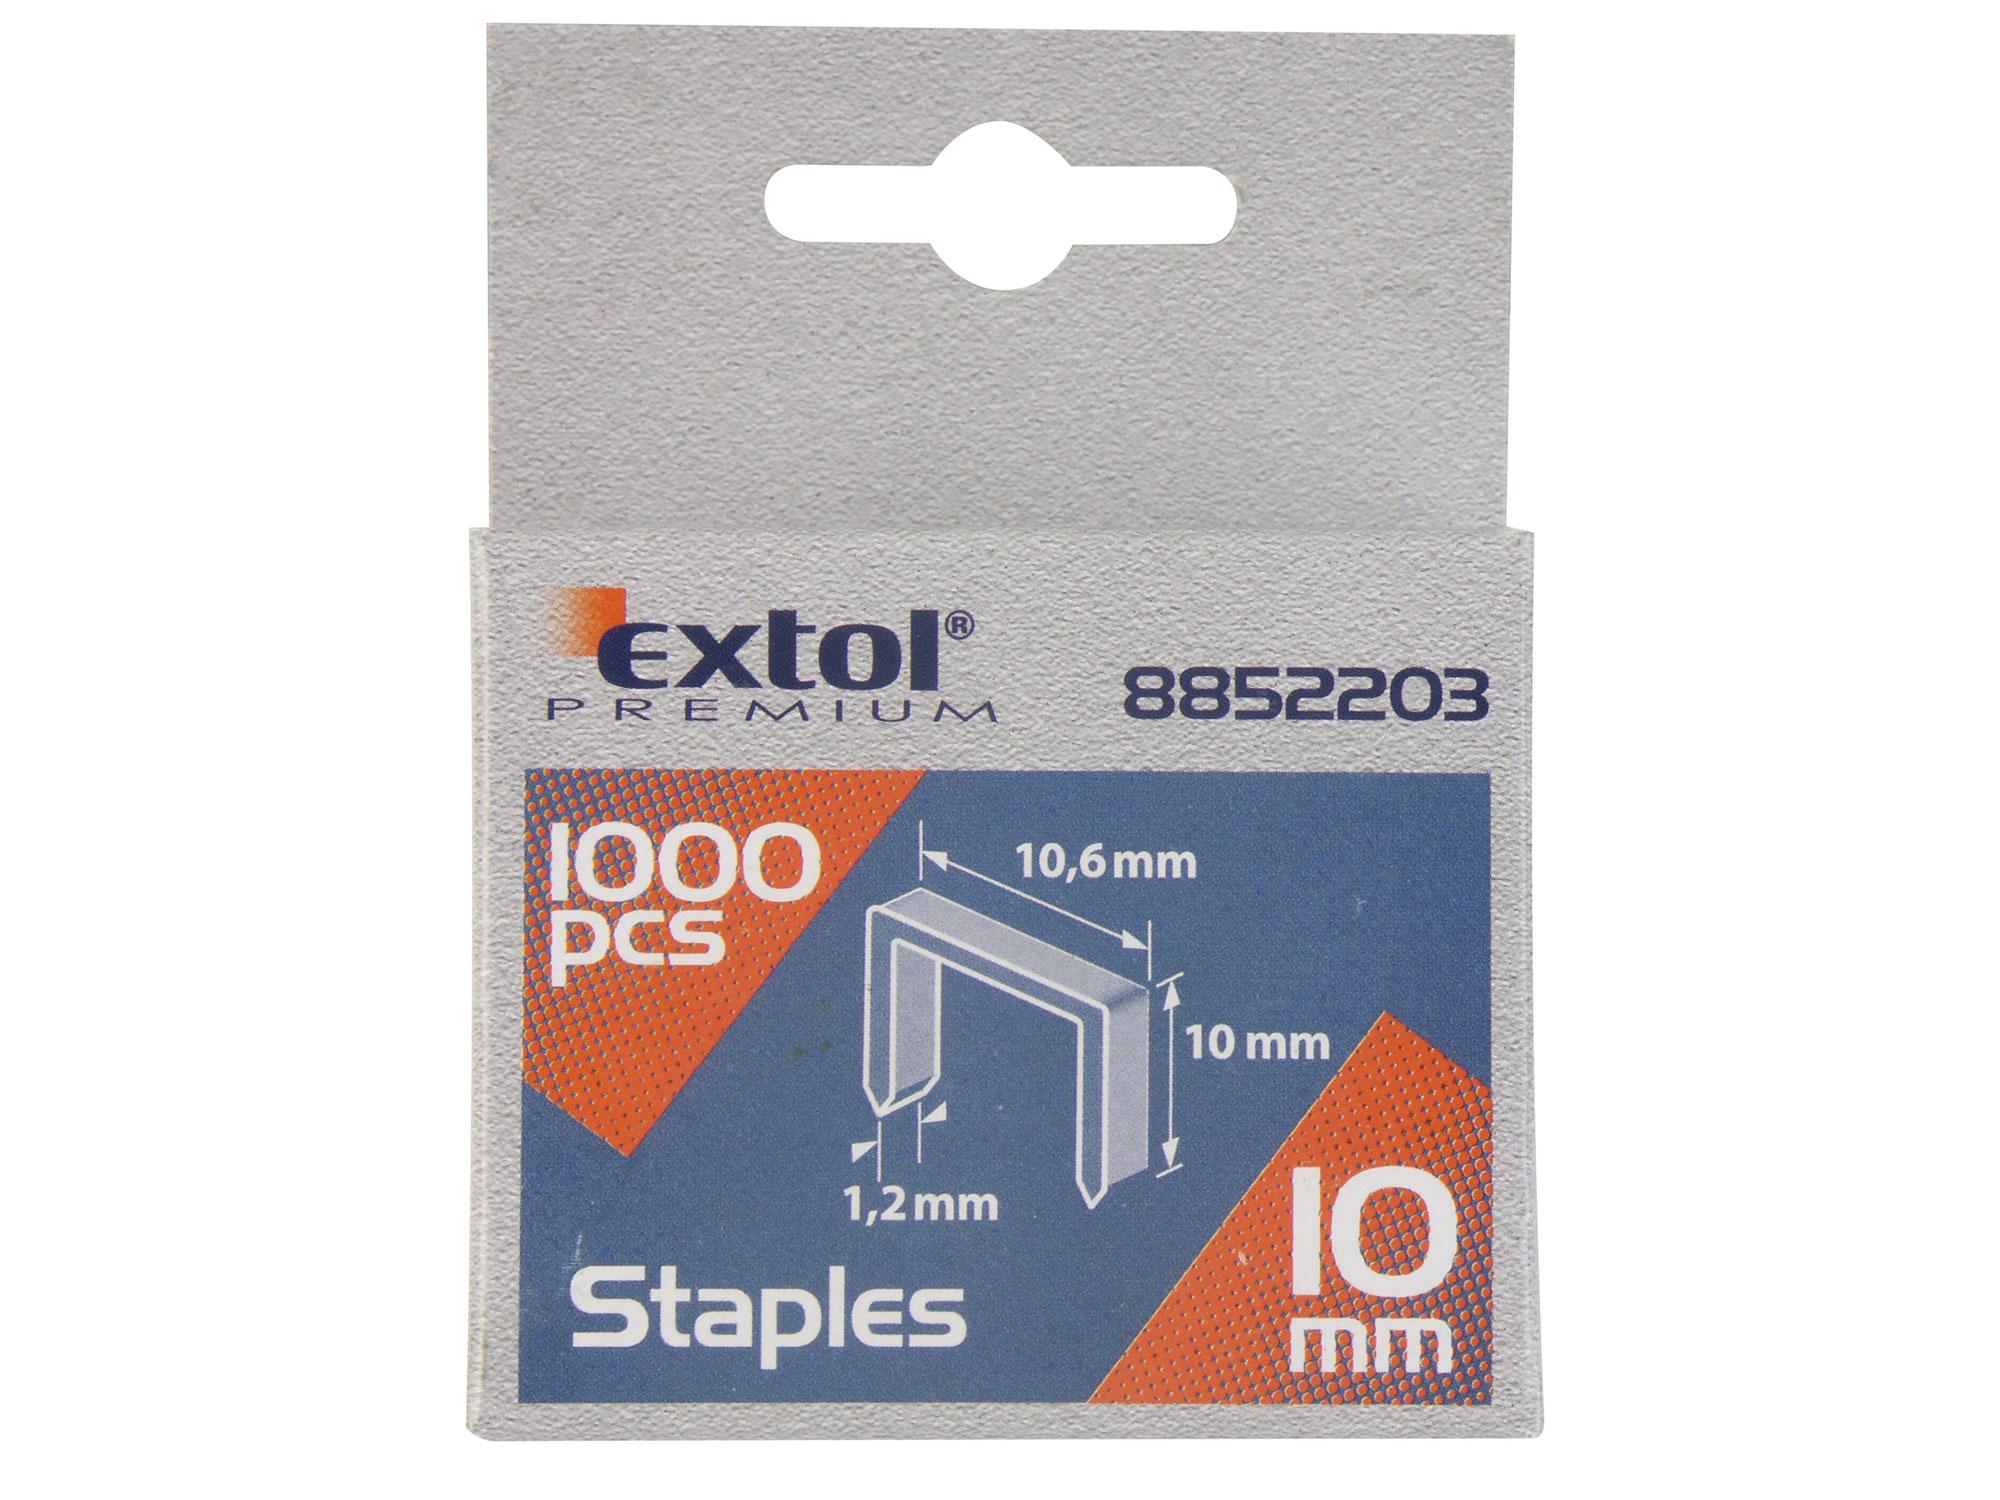 Spony, balení 1000ks, 10mm, 10,6x0,52x1,2mm EXTOL PREMIUM 8852203